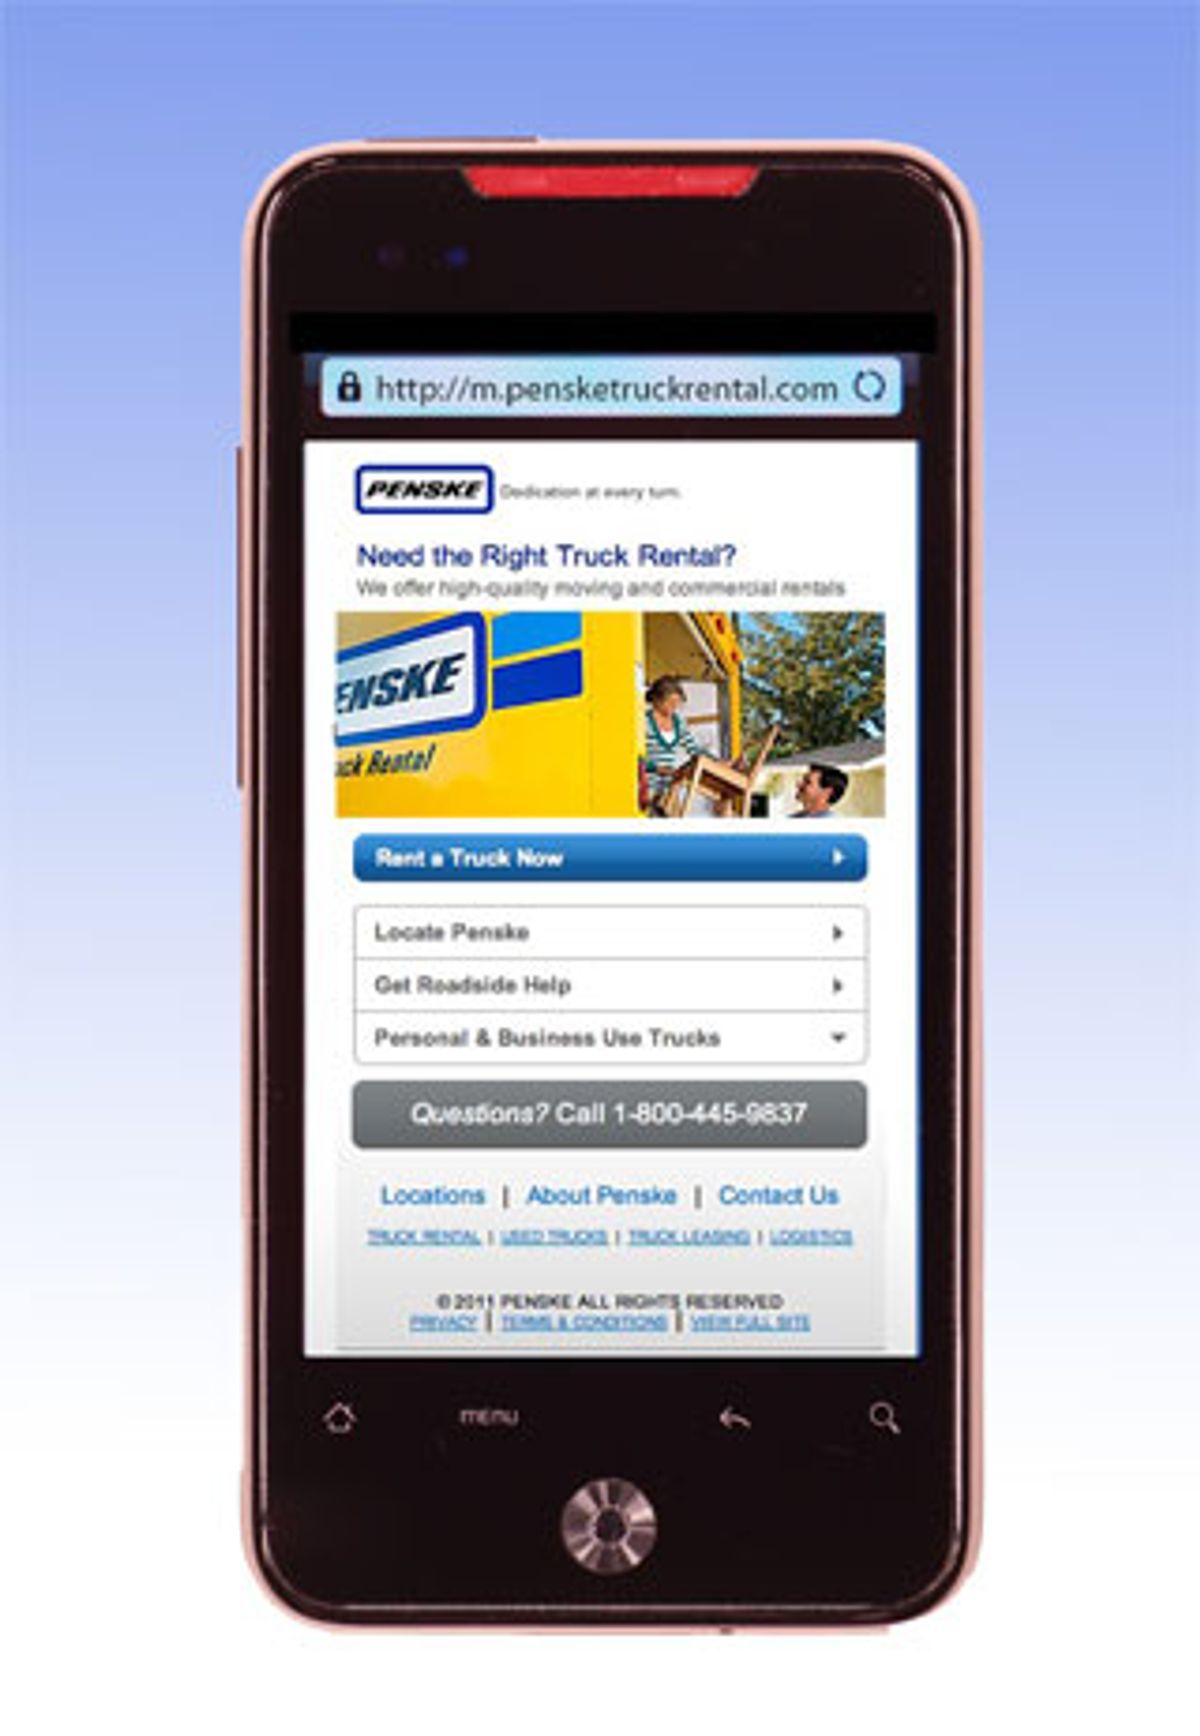 Penske's New Mobile Site Makes Truck Rental Easy